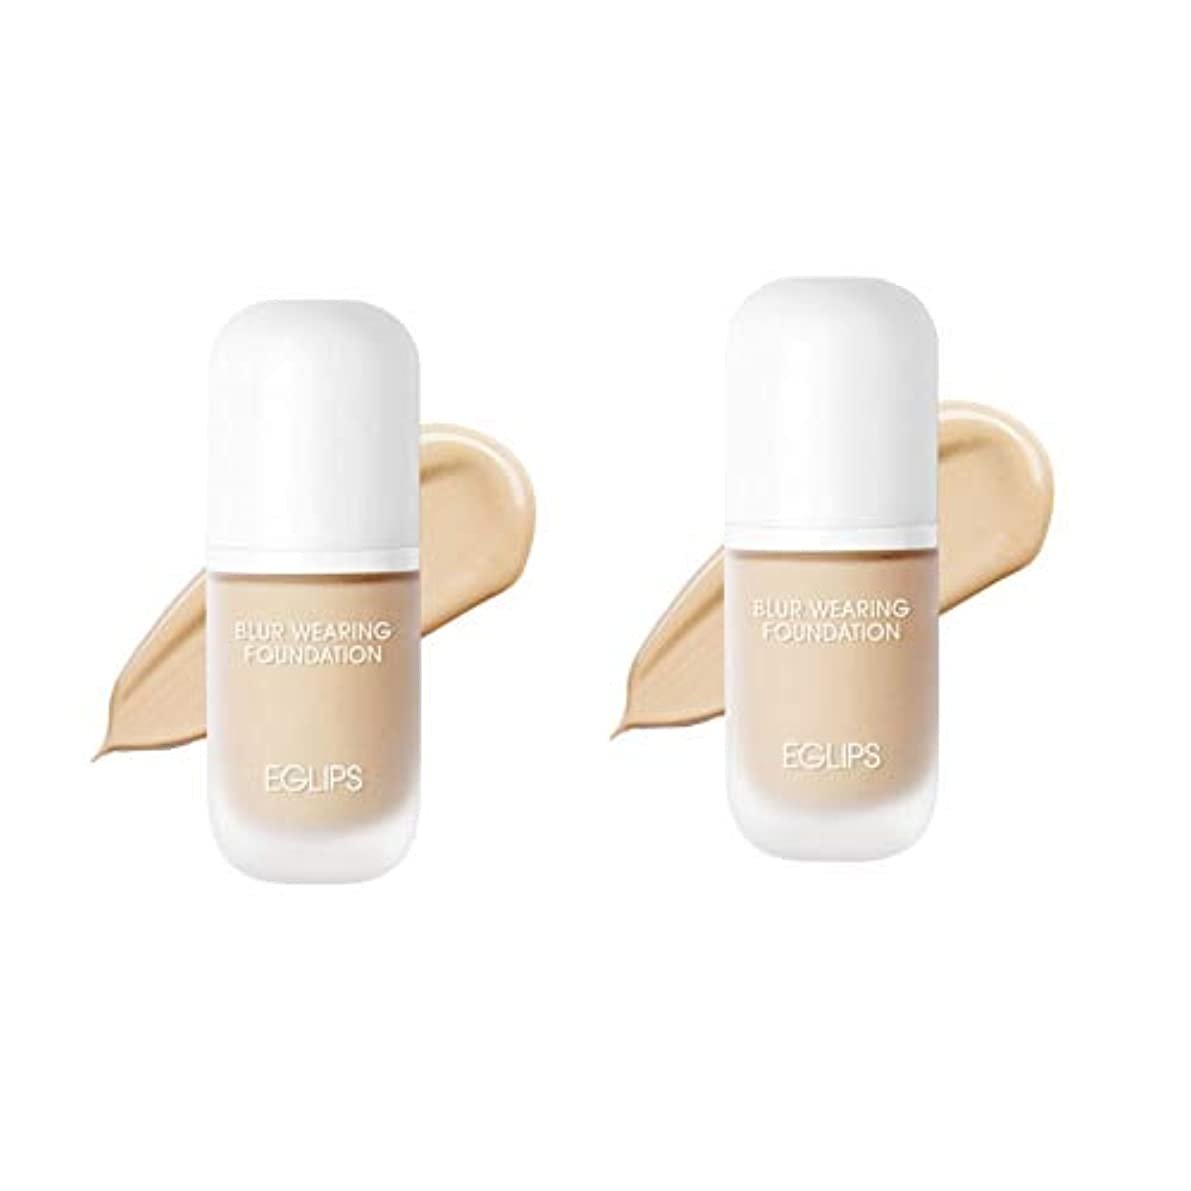 要件カレッジ見捨てられたイーグルリップスブラーウェアリングファンデーション 30mlx2本セット3カラー韓国コスメ、EGLIPS Blur Wearing Foundation 30ml x 2ea Set 3 Colors Korean Cosmetics...